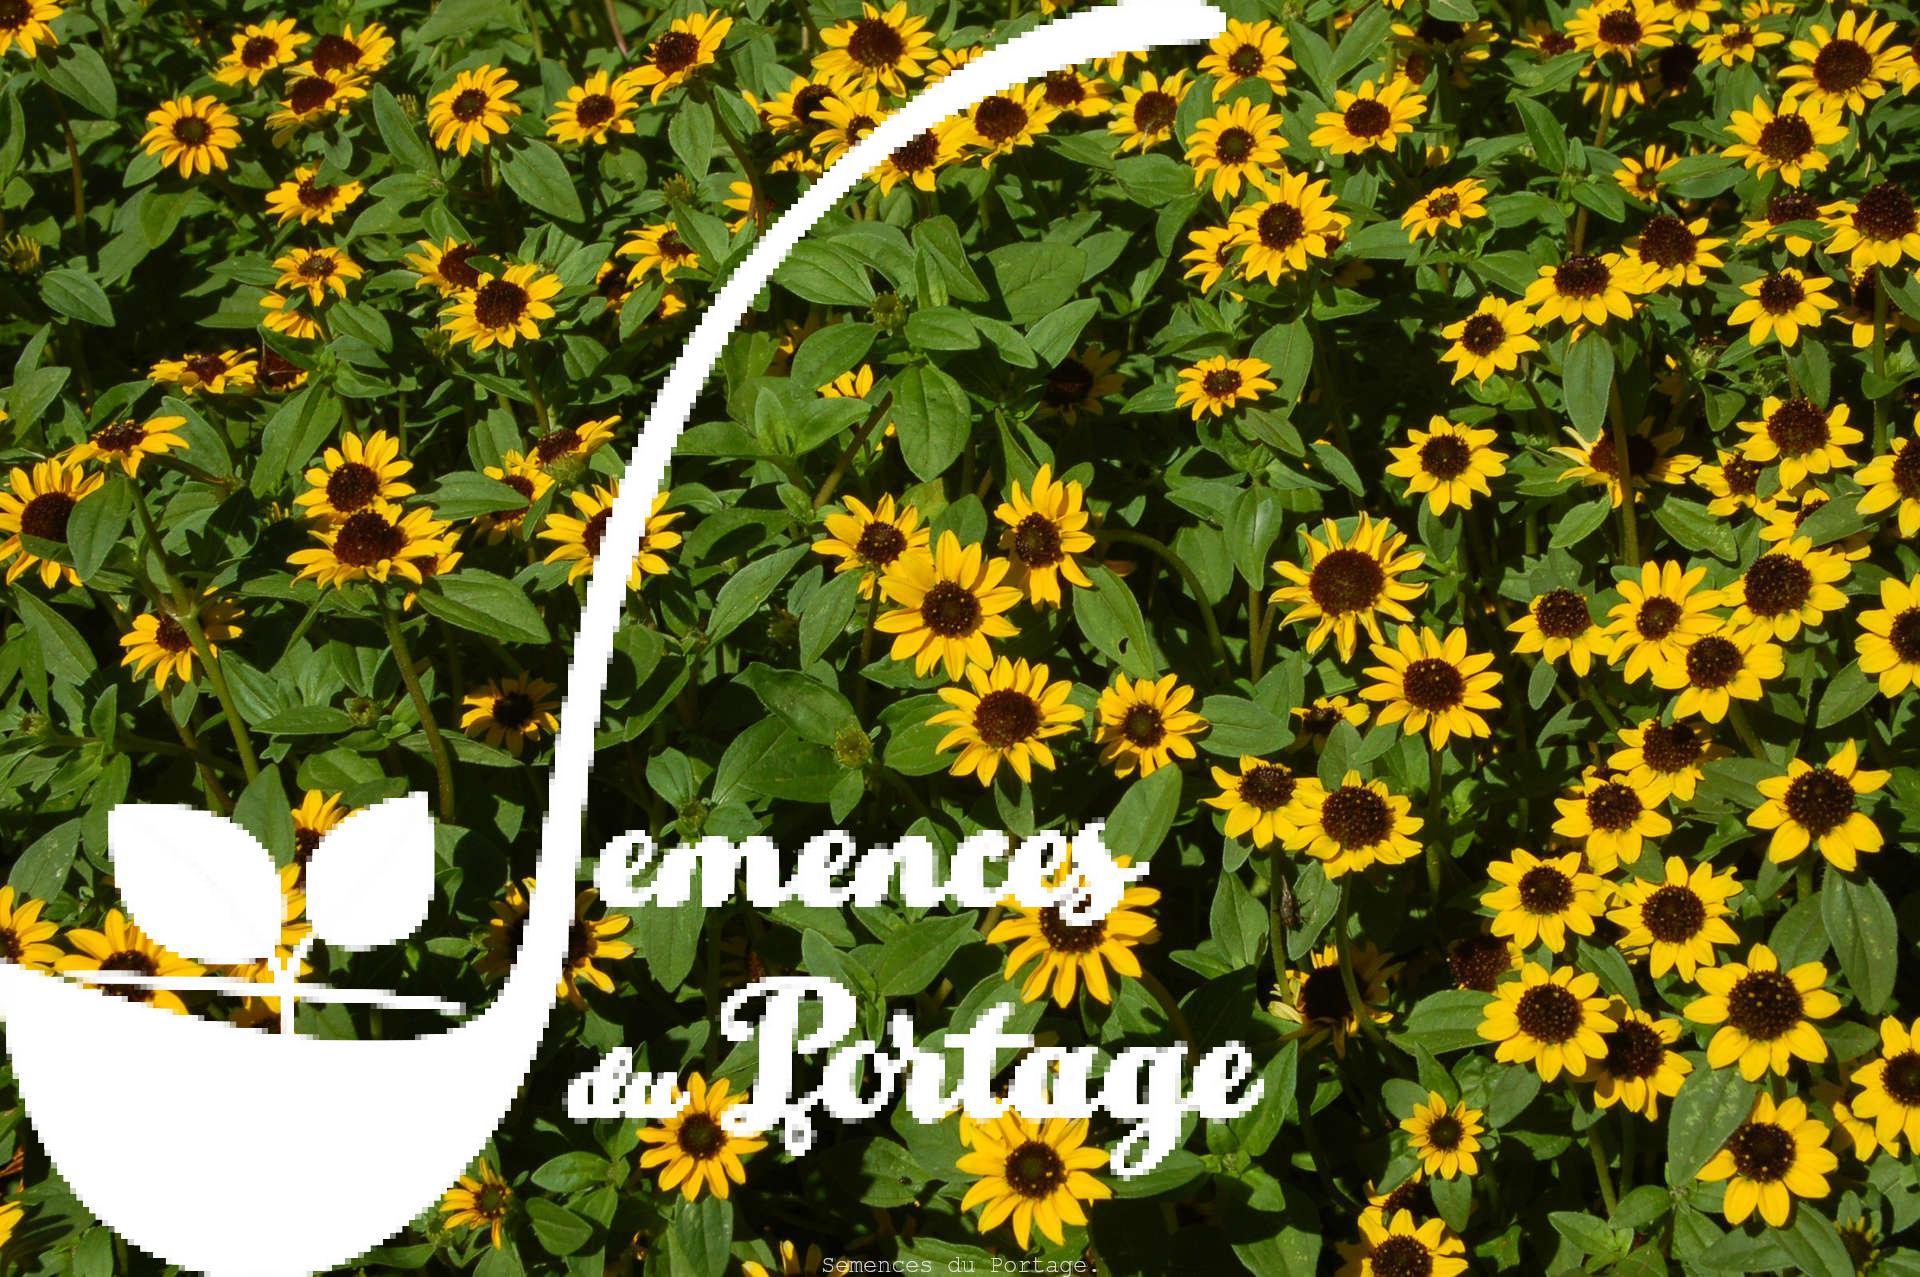 Sanvitalia semences du portage for Catalogue de plantes en ligne